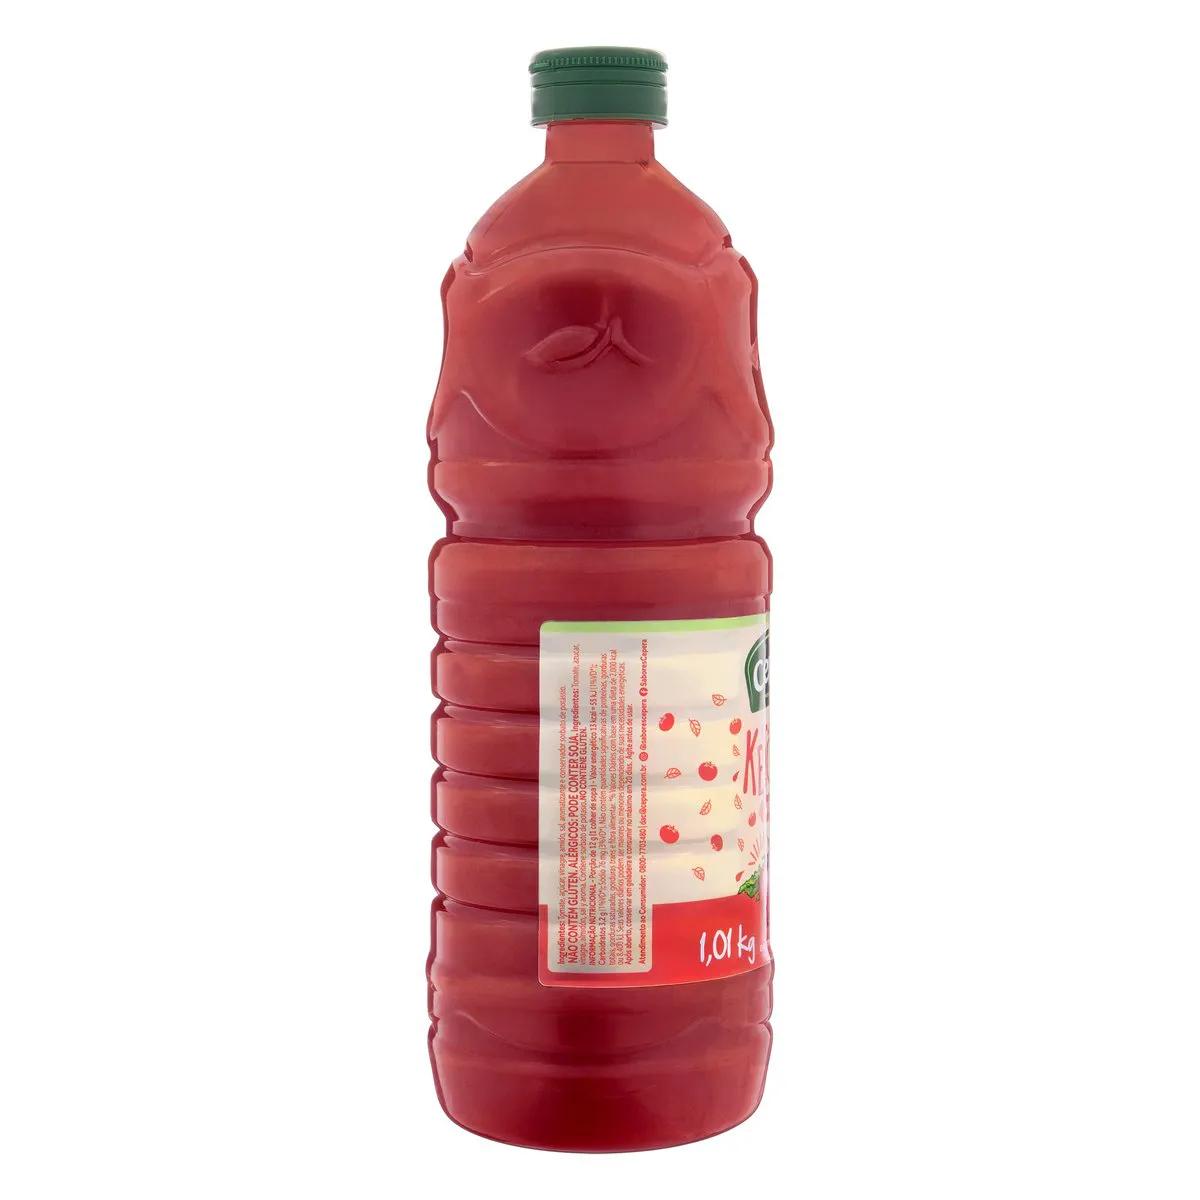 Ketchup Tradicional 1,01kg